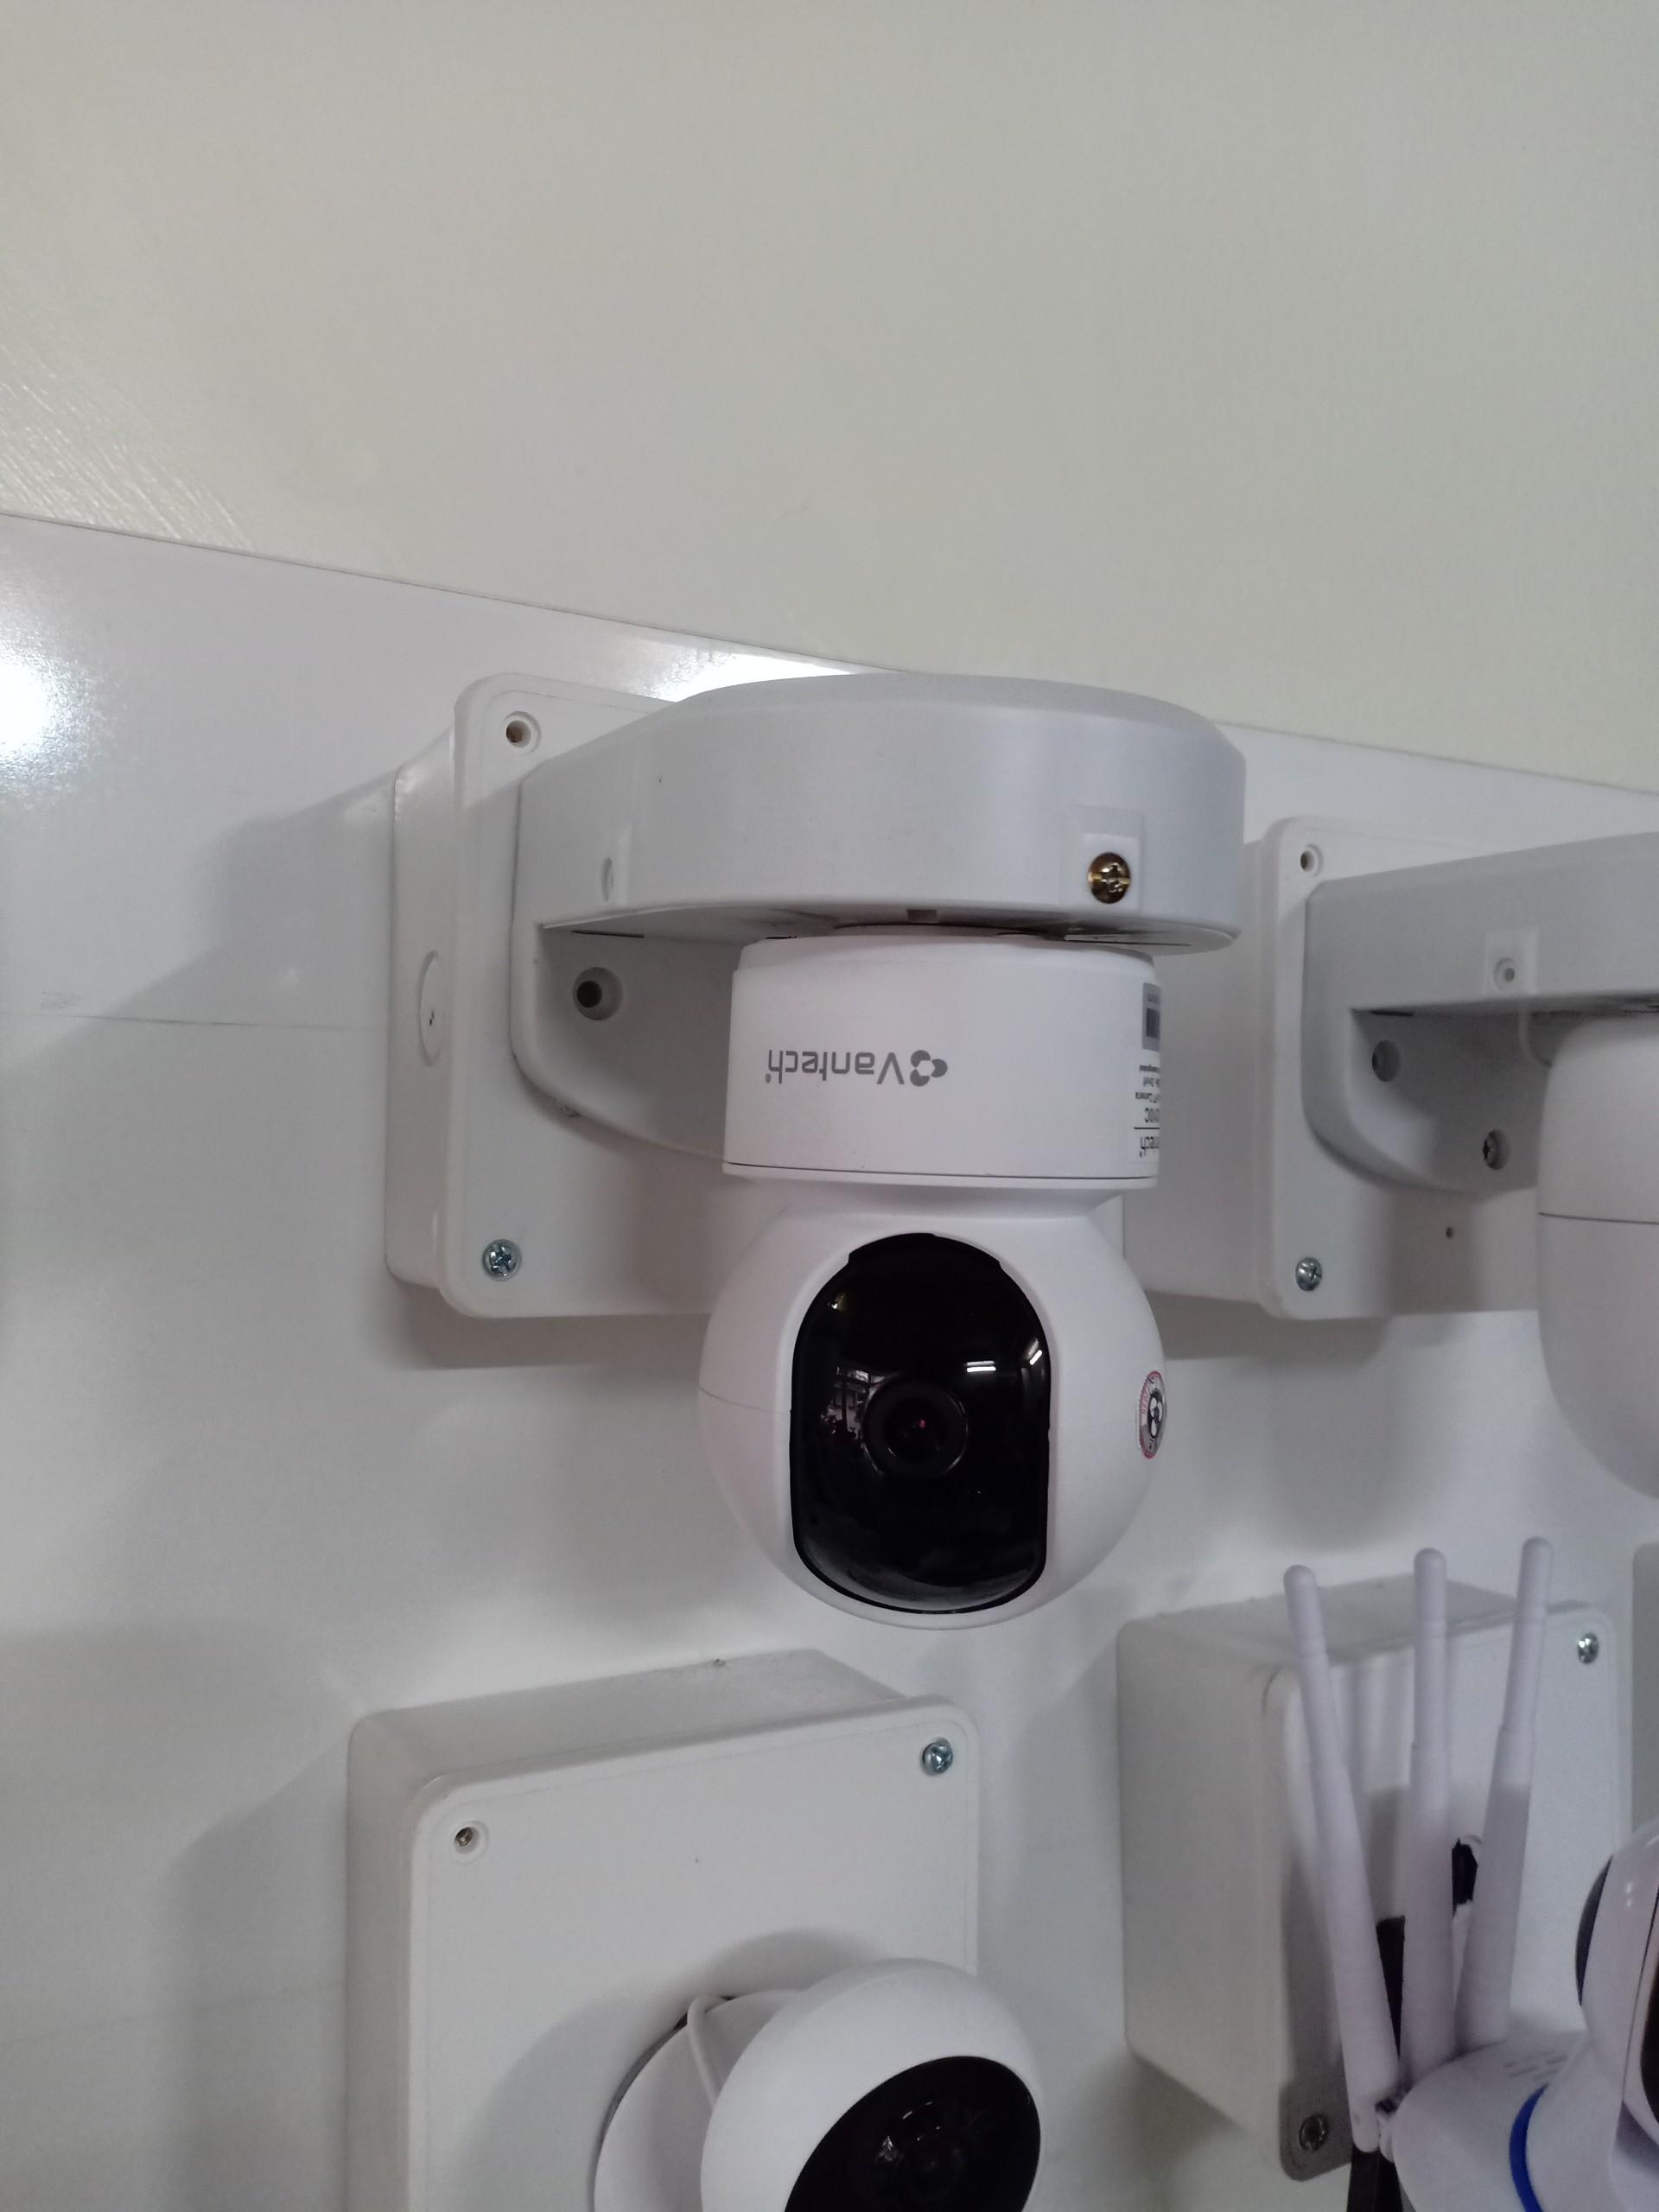 camera lắp đặt dễ dàng để bàn hoặc ốp trần đều được